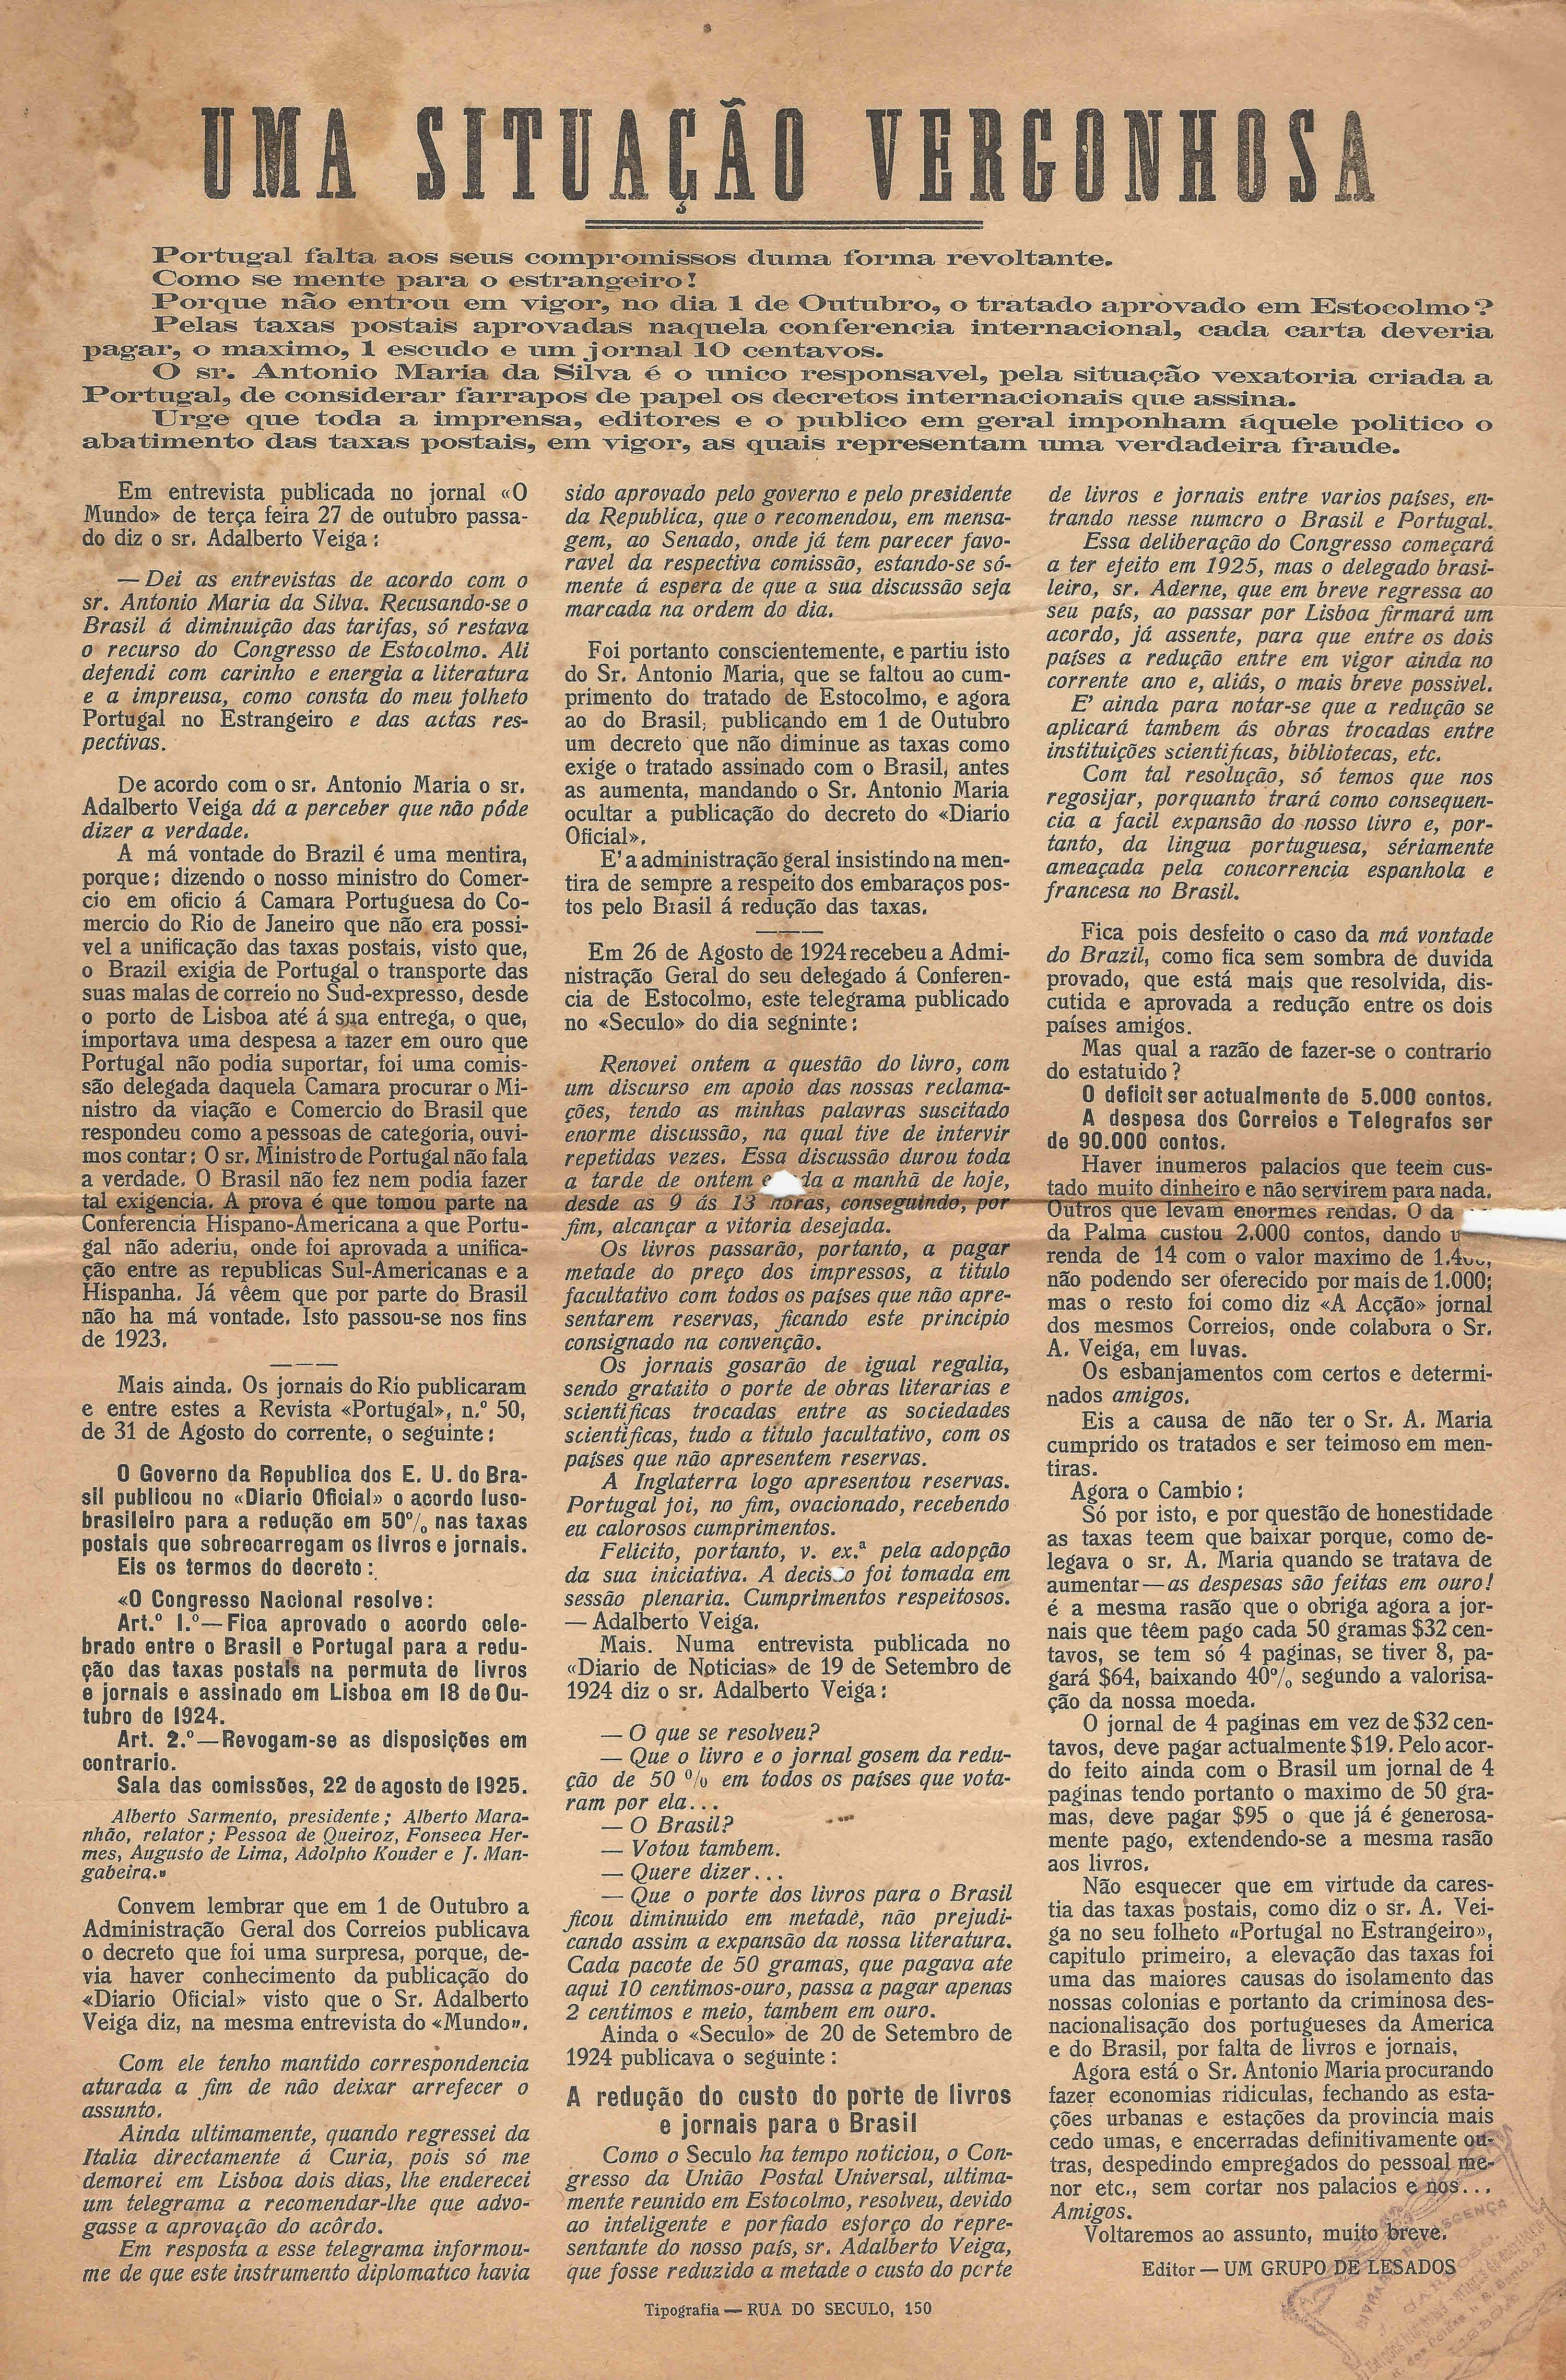 Um grupo de lesados uma situao vergonhosa 1925 ephemera um grupo de lesados uma situao vergonhosa 1925 fandeluxe Gallery